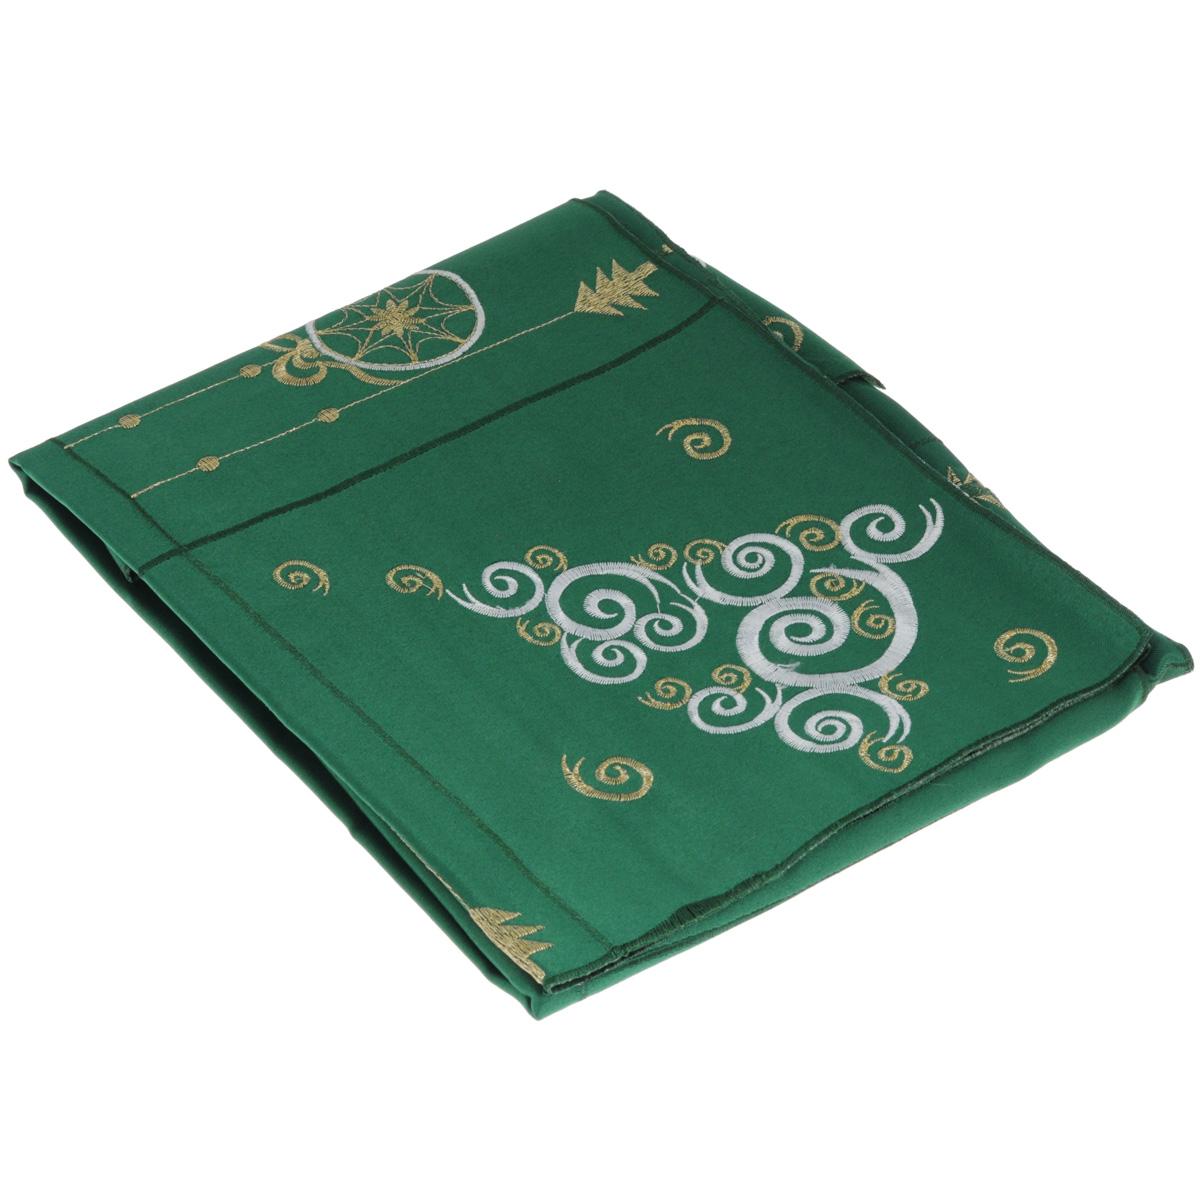 Скатерть Home Queen Елочка, квадратная, цвет: зеленый, 85  x 85 см просто вкусно праздничный стол